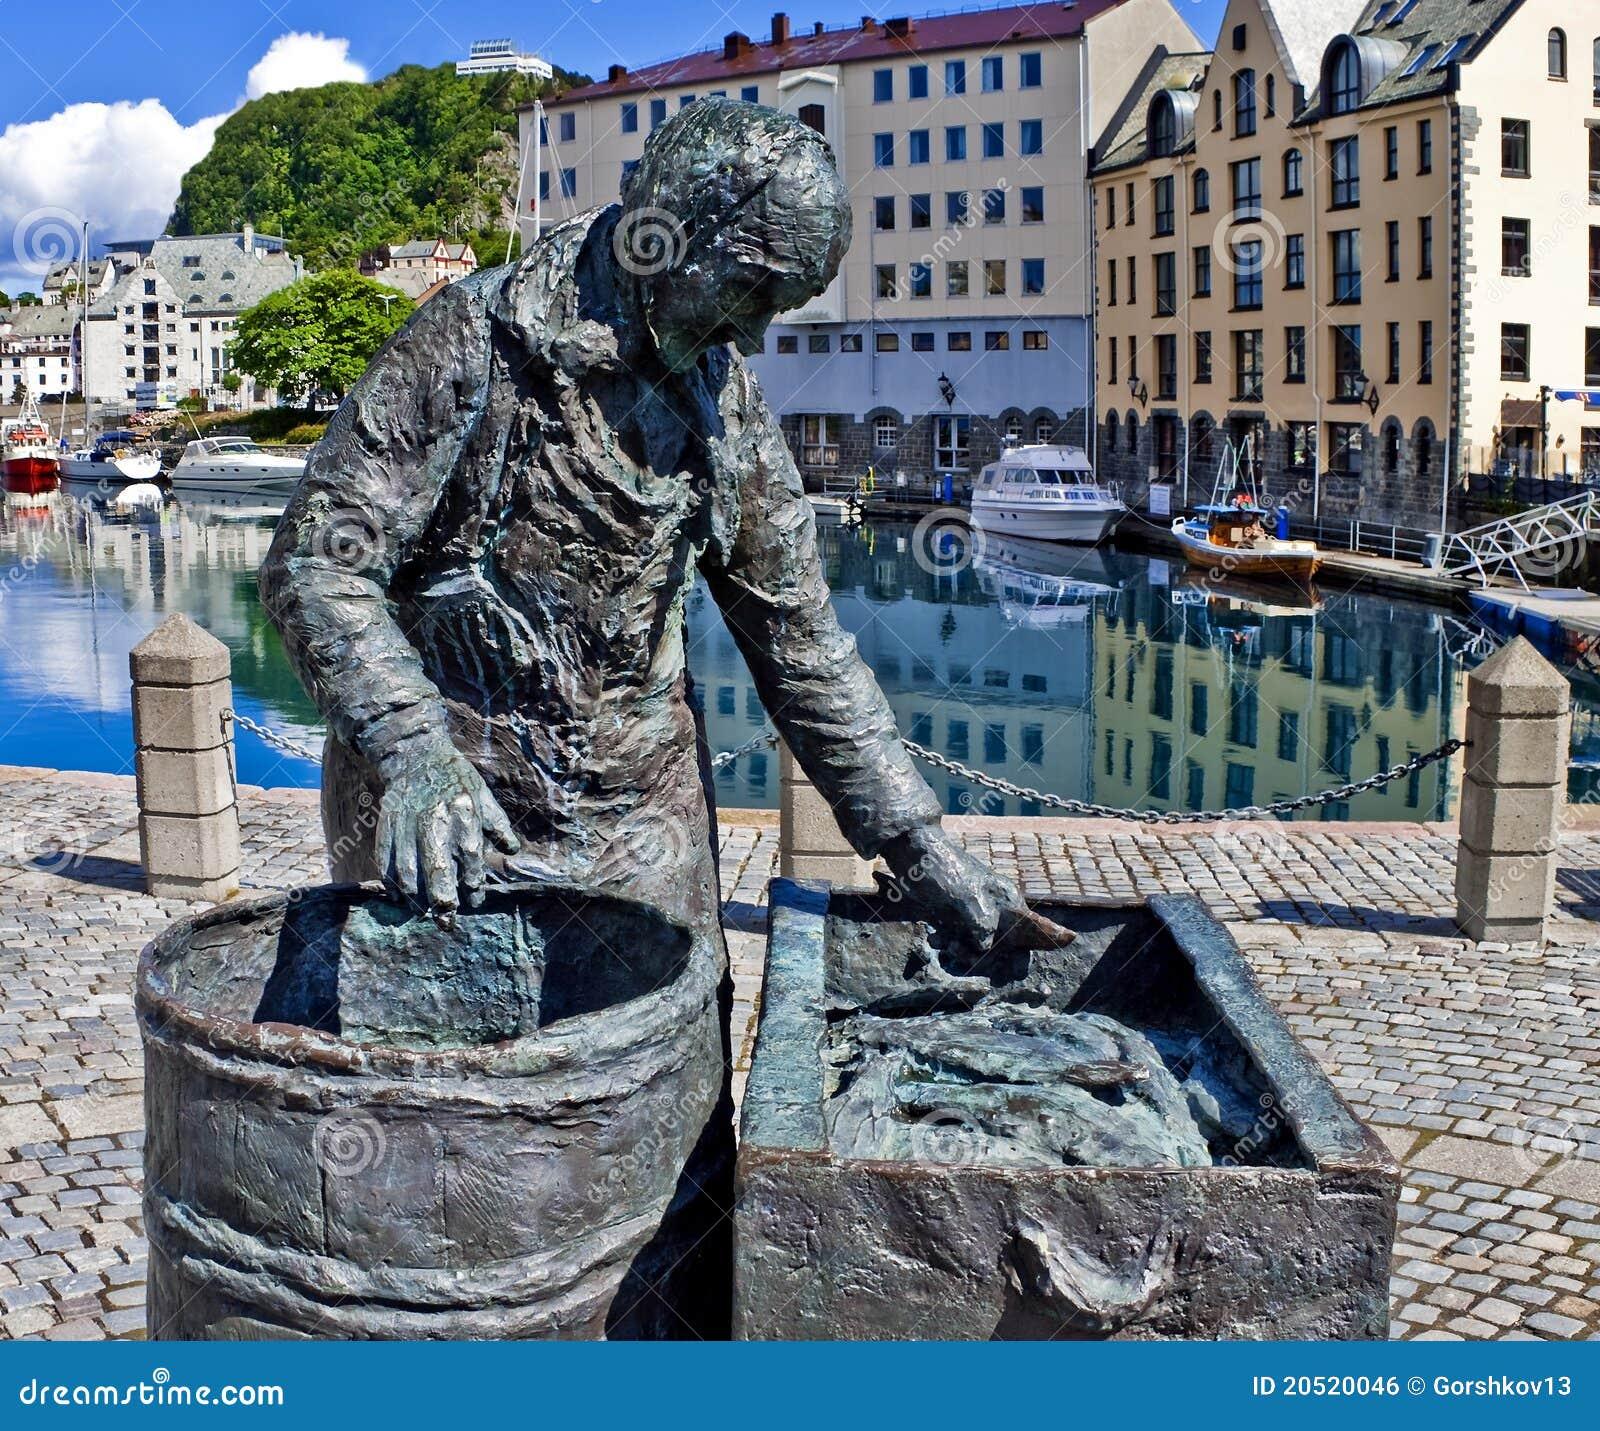 statue of seasonal fishworker in alesund norway royalty